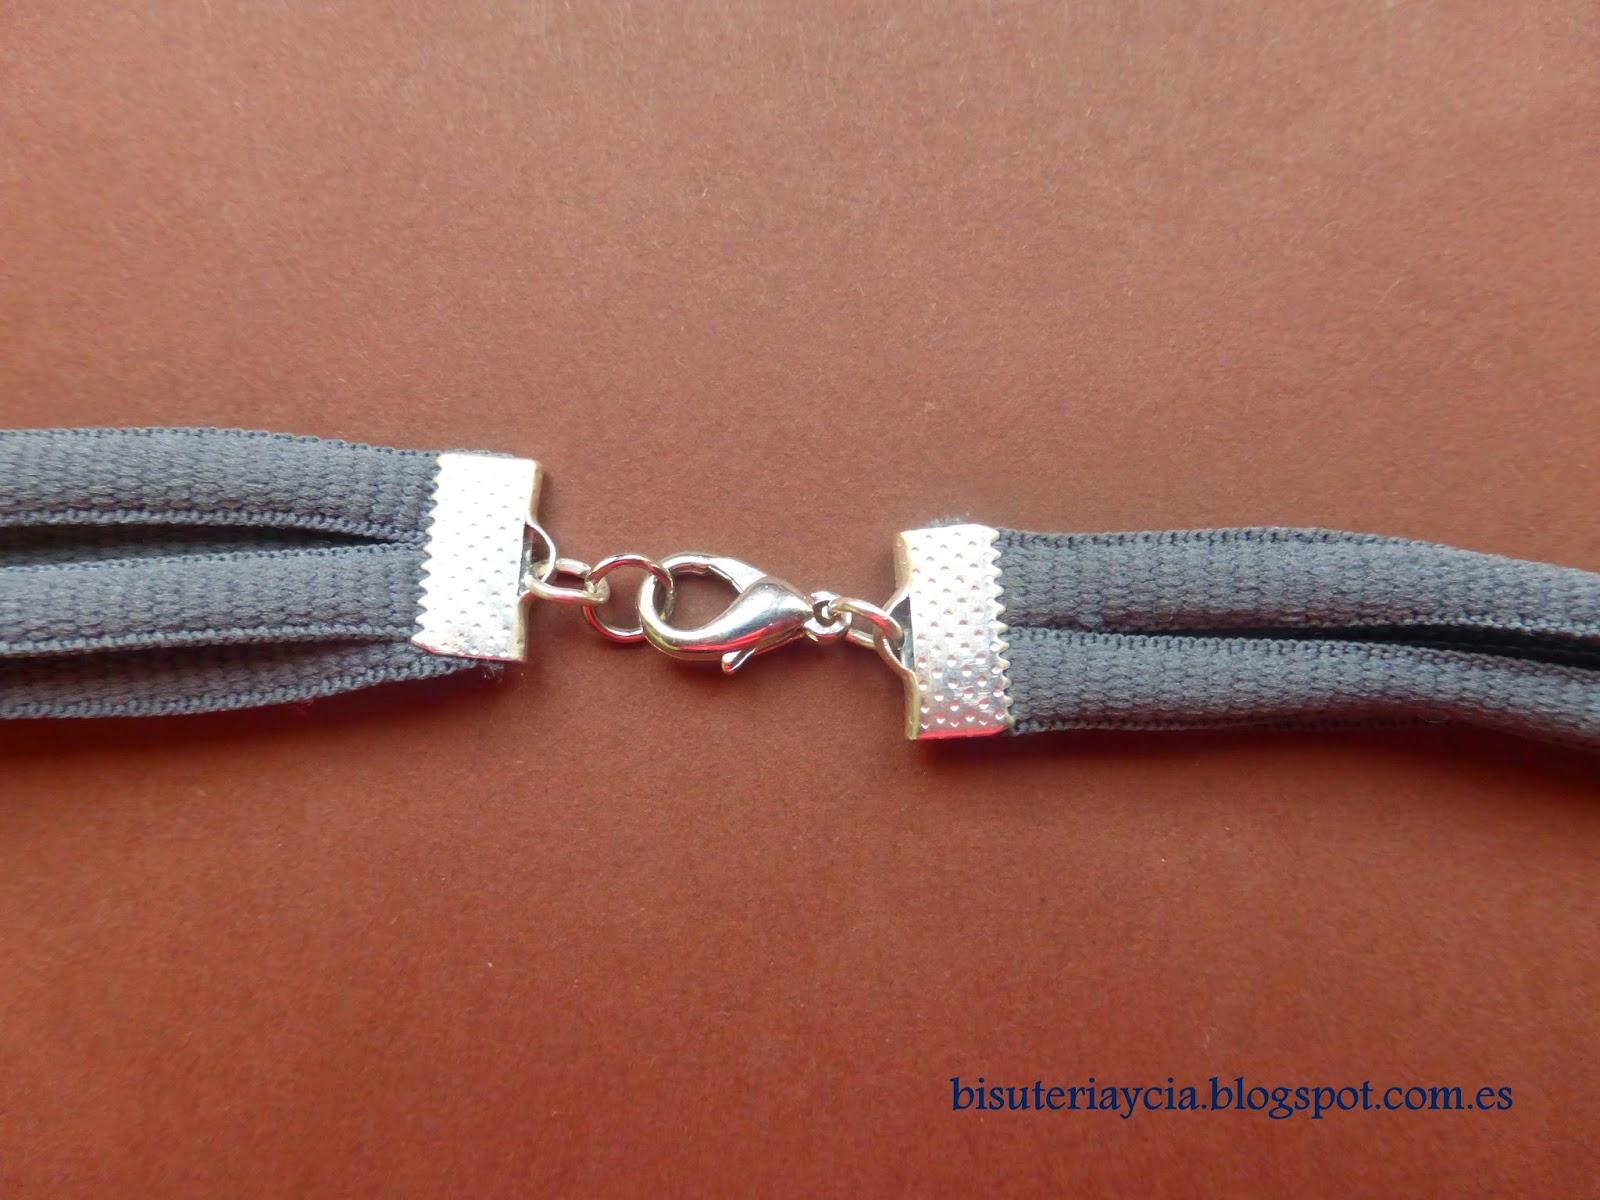 Bisuteriaycia como cerrar collares y pulseras for Tipos de pulseras